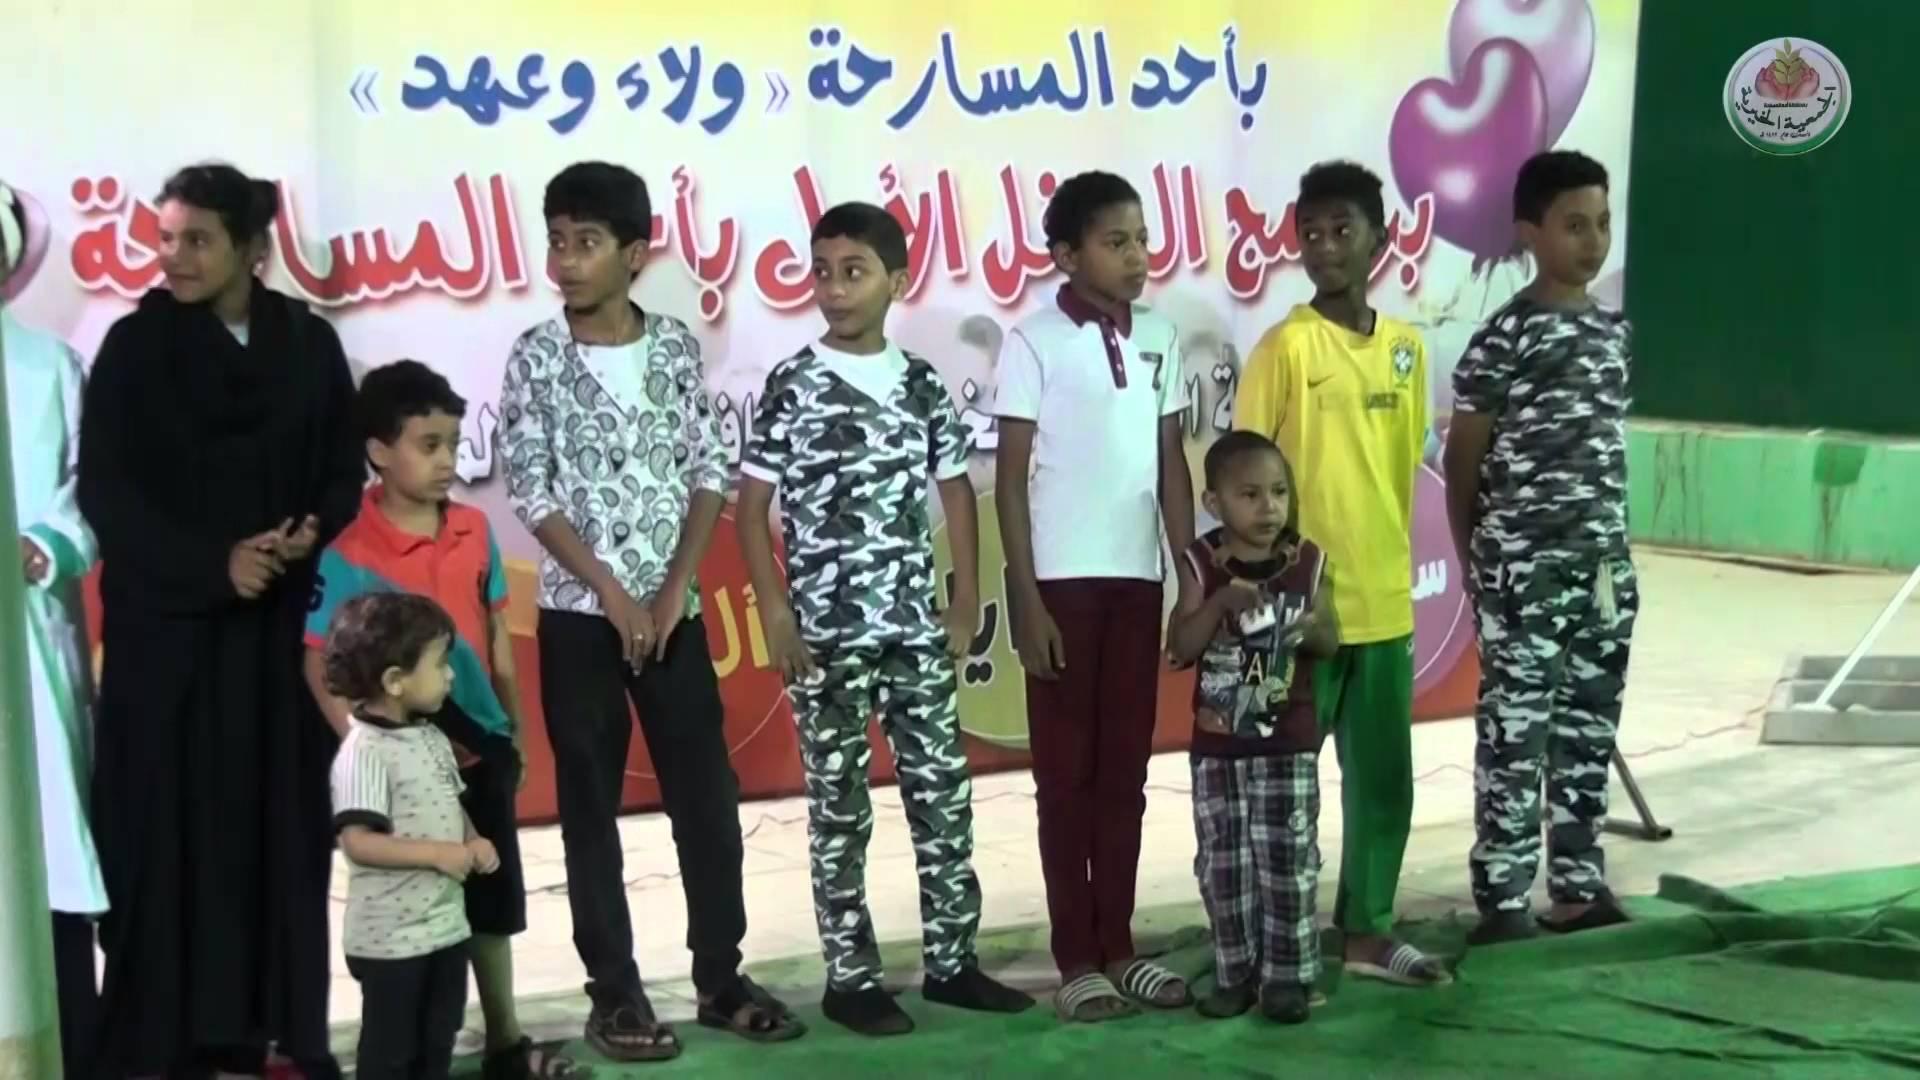 بالفيديو .. برنامج الطفل اليتيم الأول بالمهرجان الترفيهي بأحد المسارحة ولاء وعهد